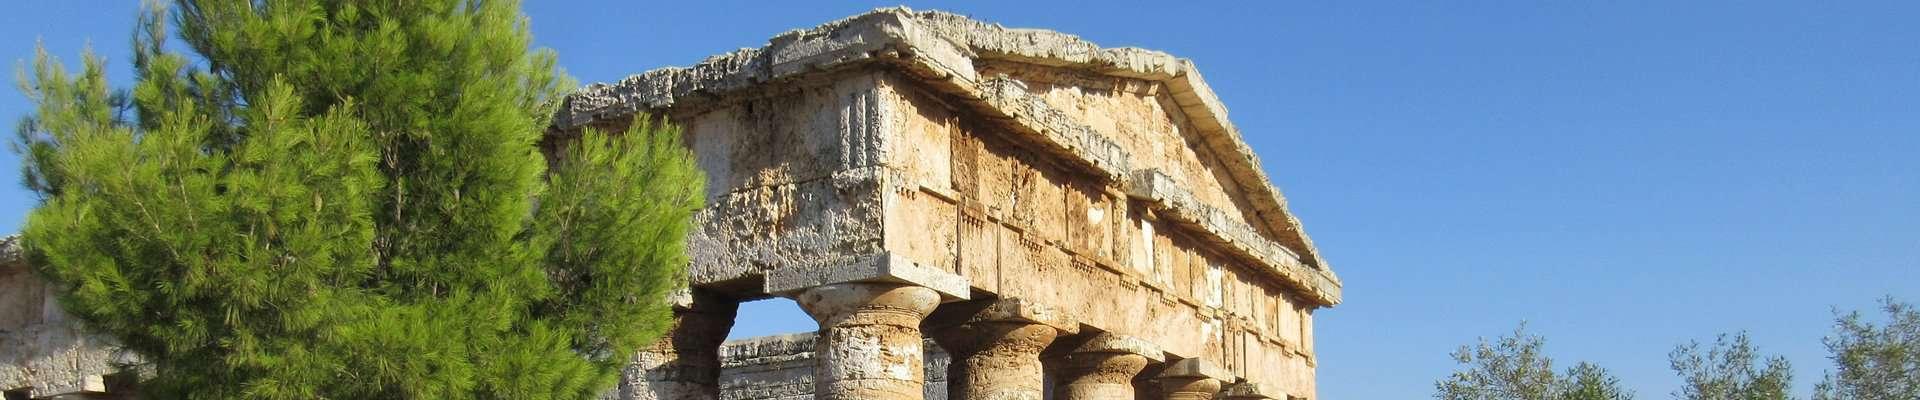 The pediment of the Doric Segesta temple in Sicily.